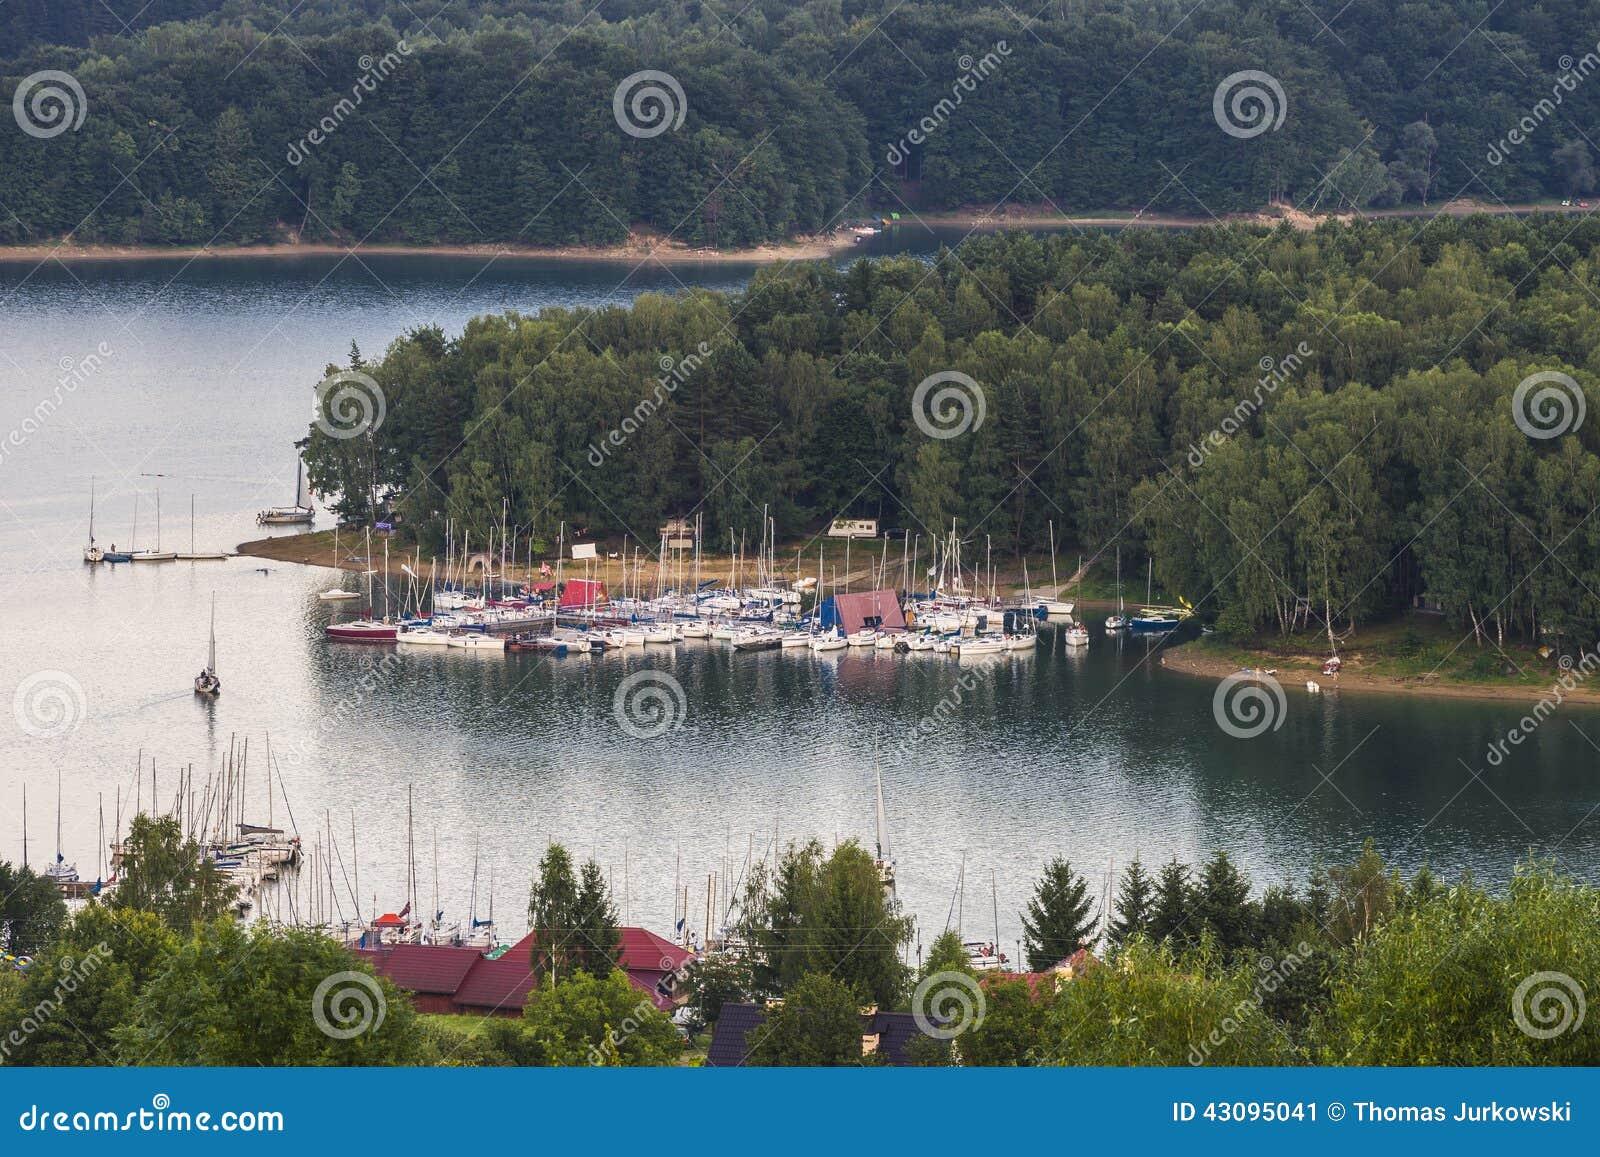 Lake and sailing boats.